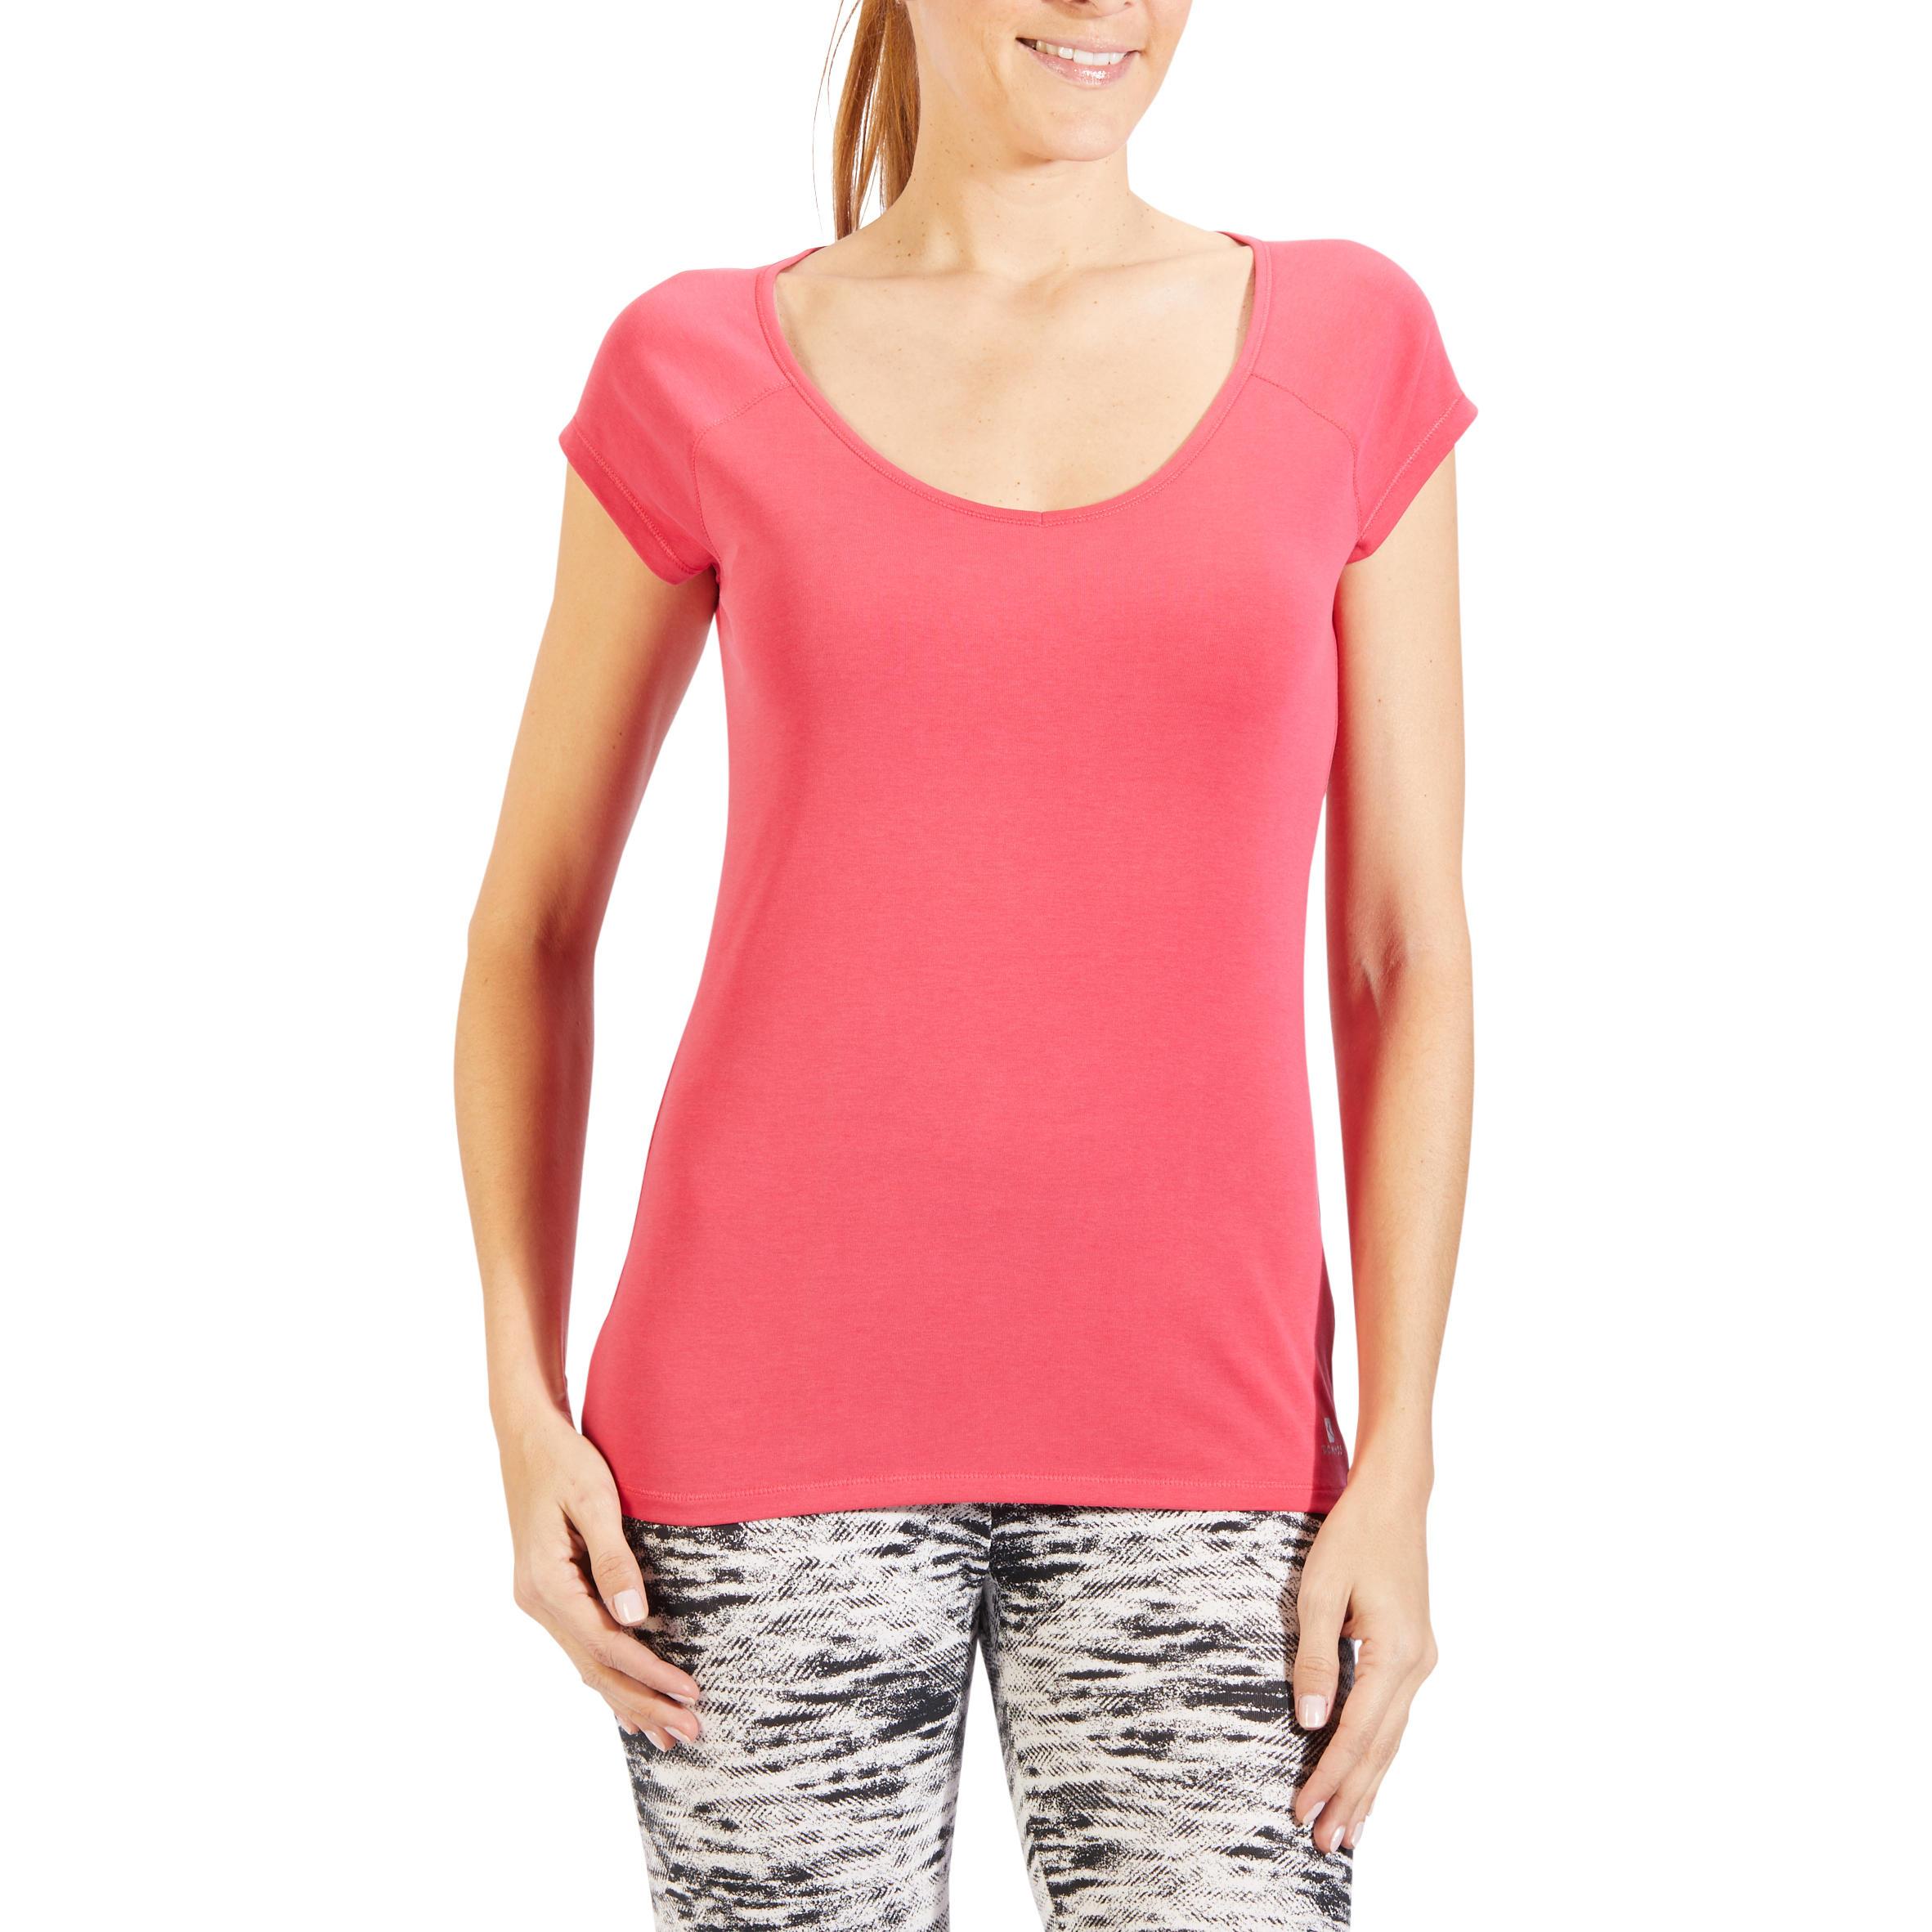 Domyos T-shirt 500 voor gym en pilates, korte mouwen, slim fit, voor dames, felroze